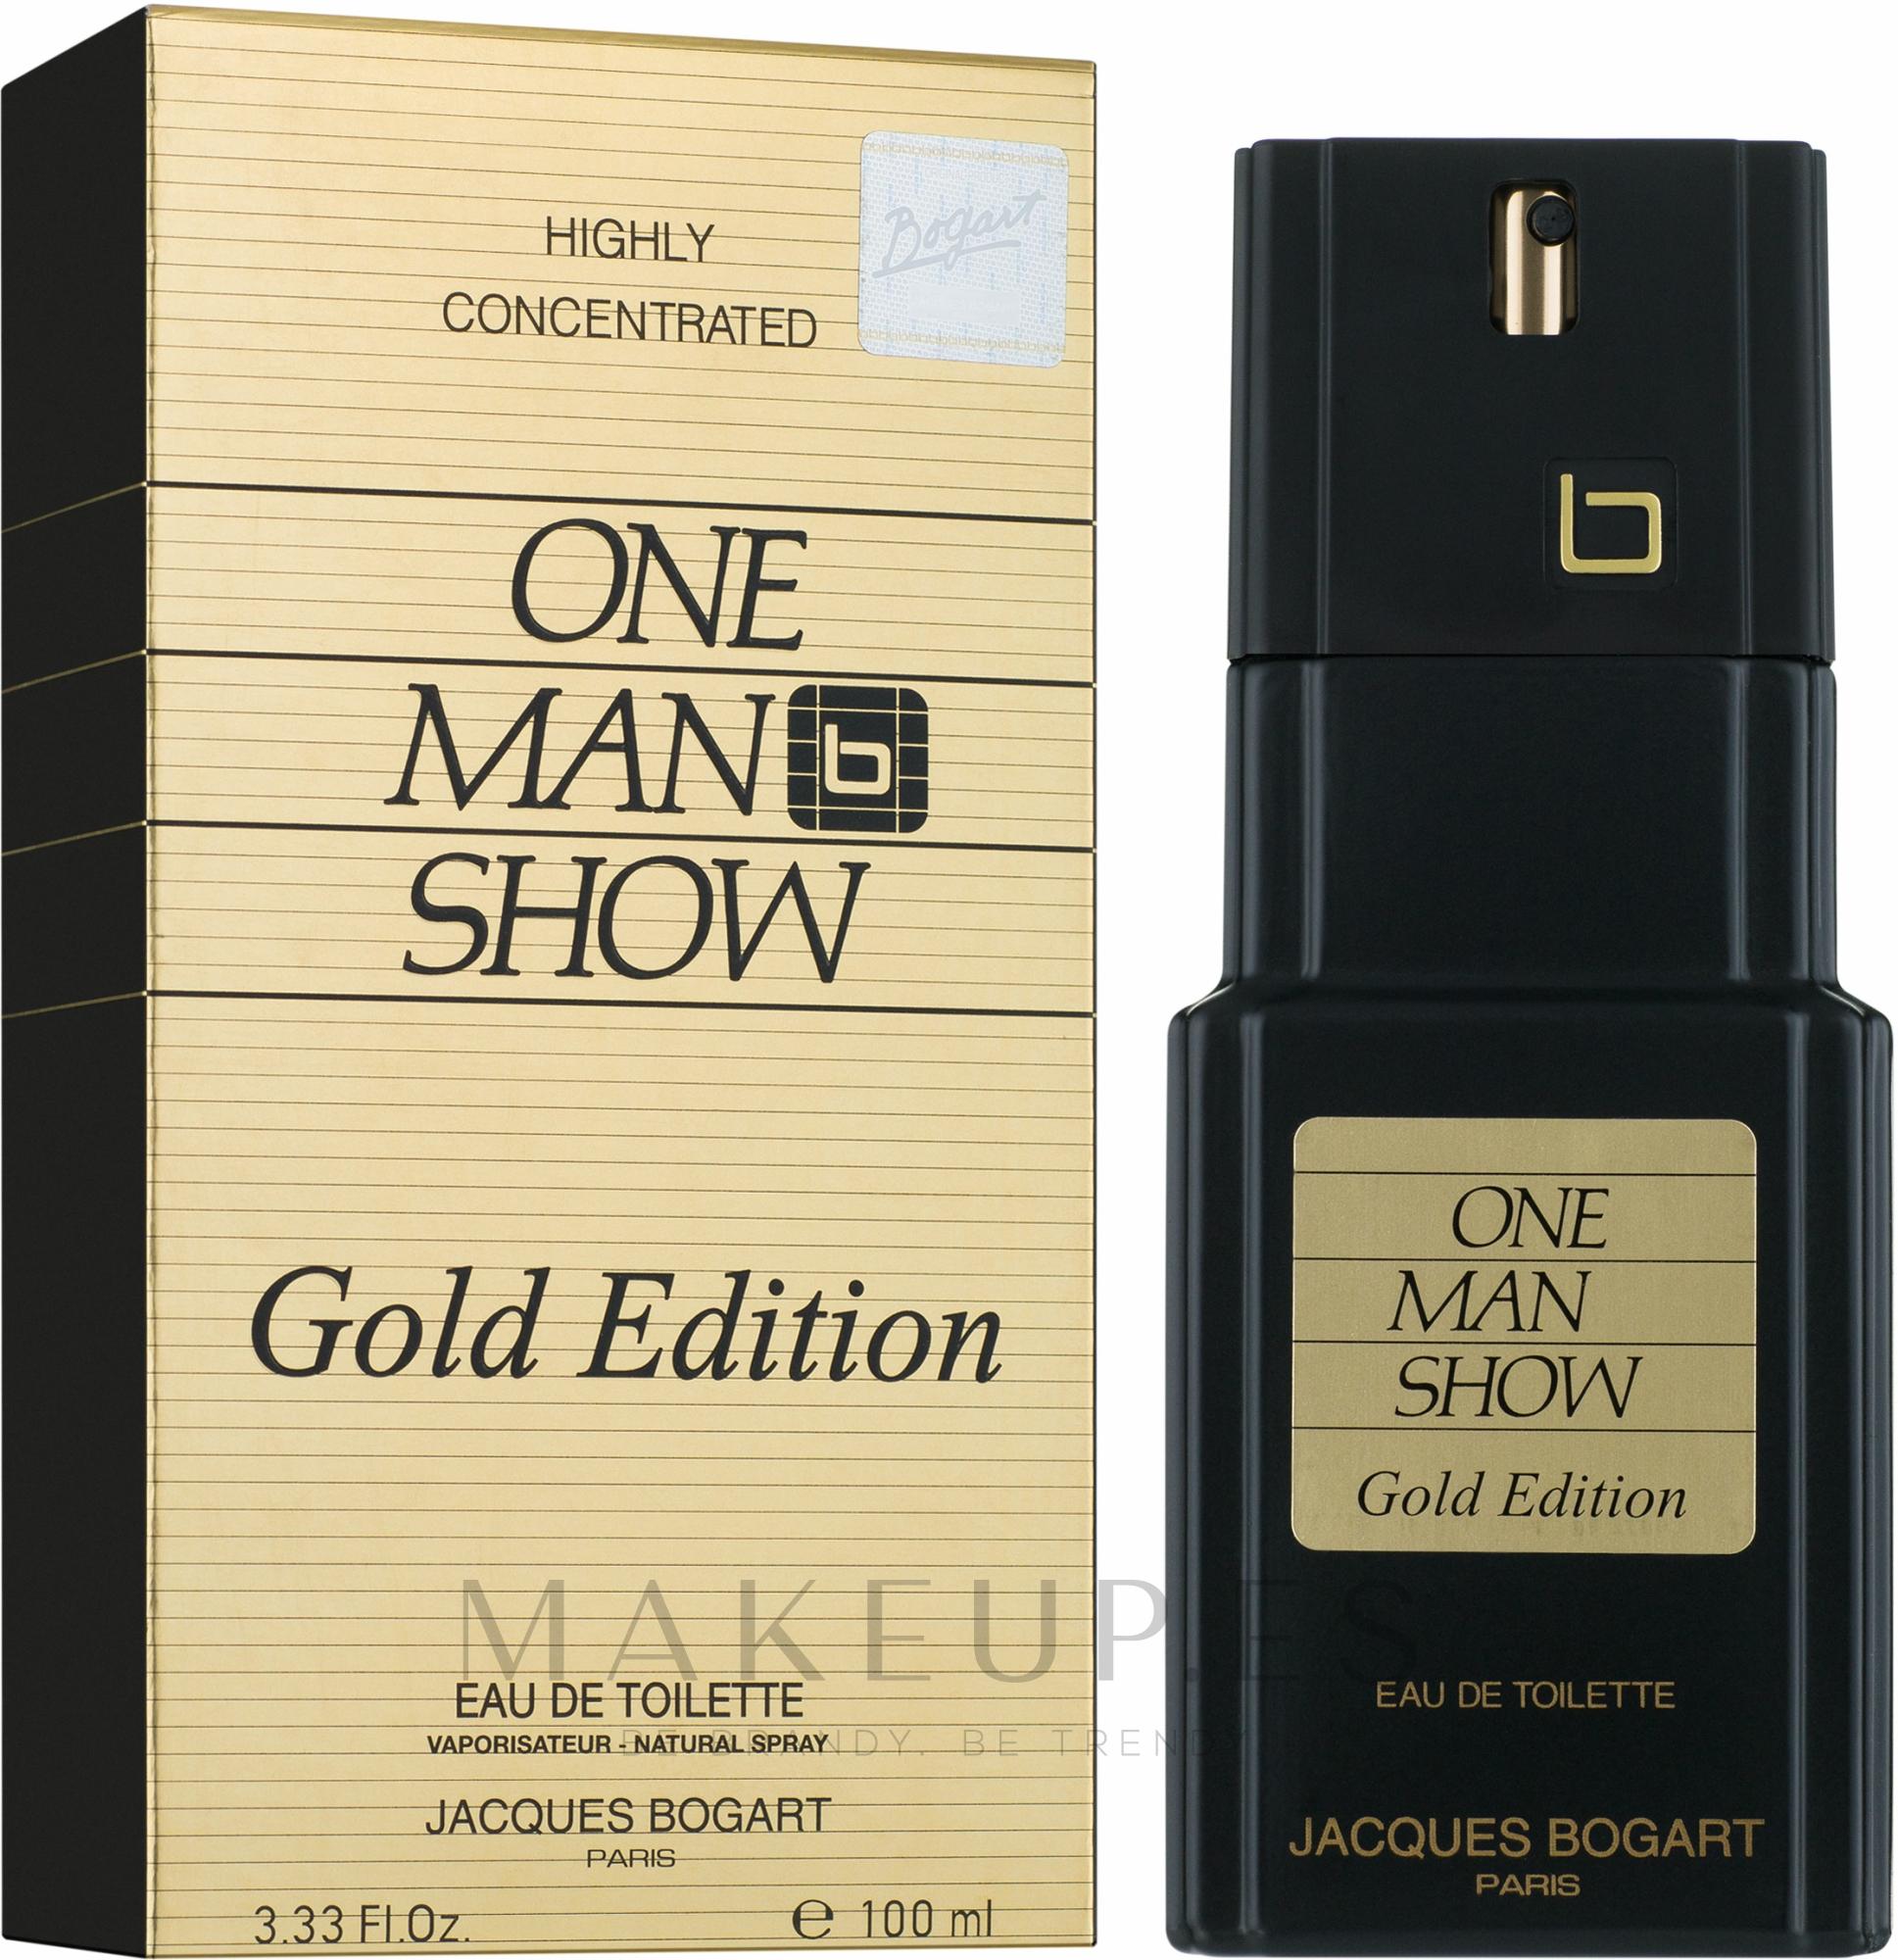 Bogart One Man Show Gold Edition - Eau de toilette — imagen 100 ml